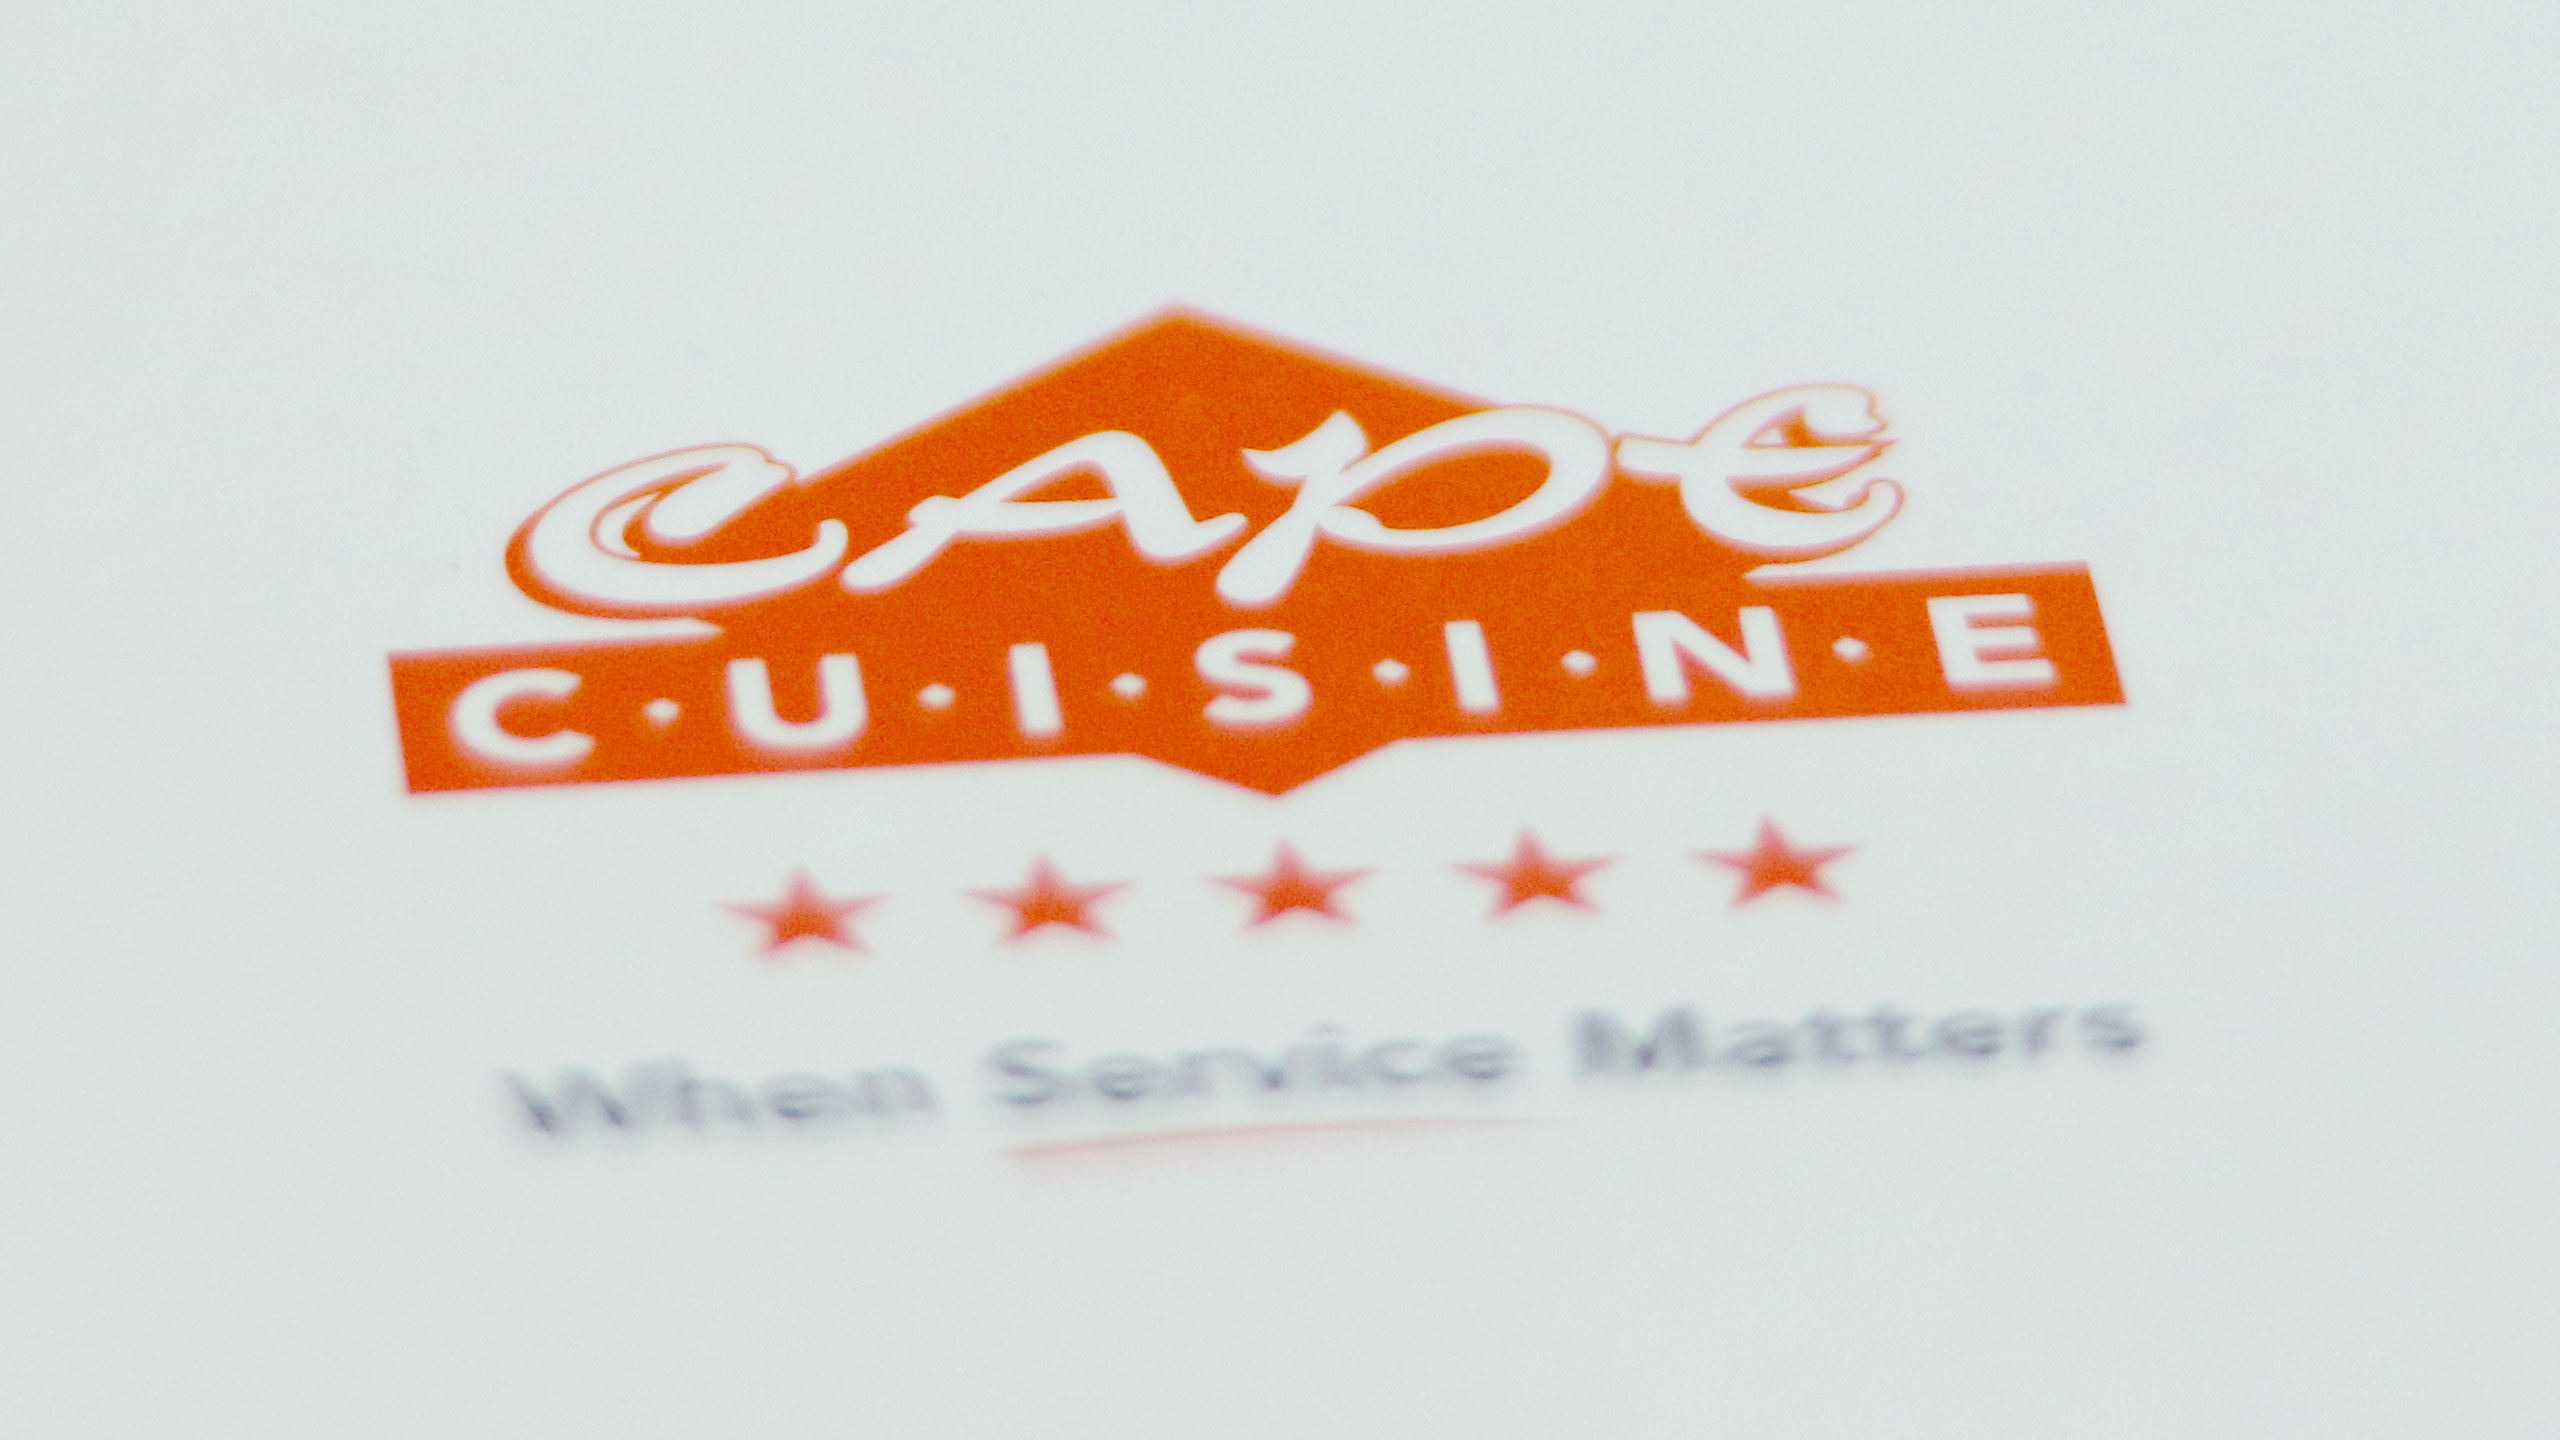 Cape Cuisine Brochure Design